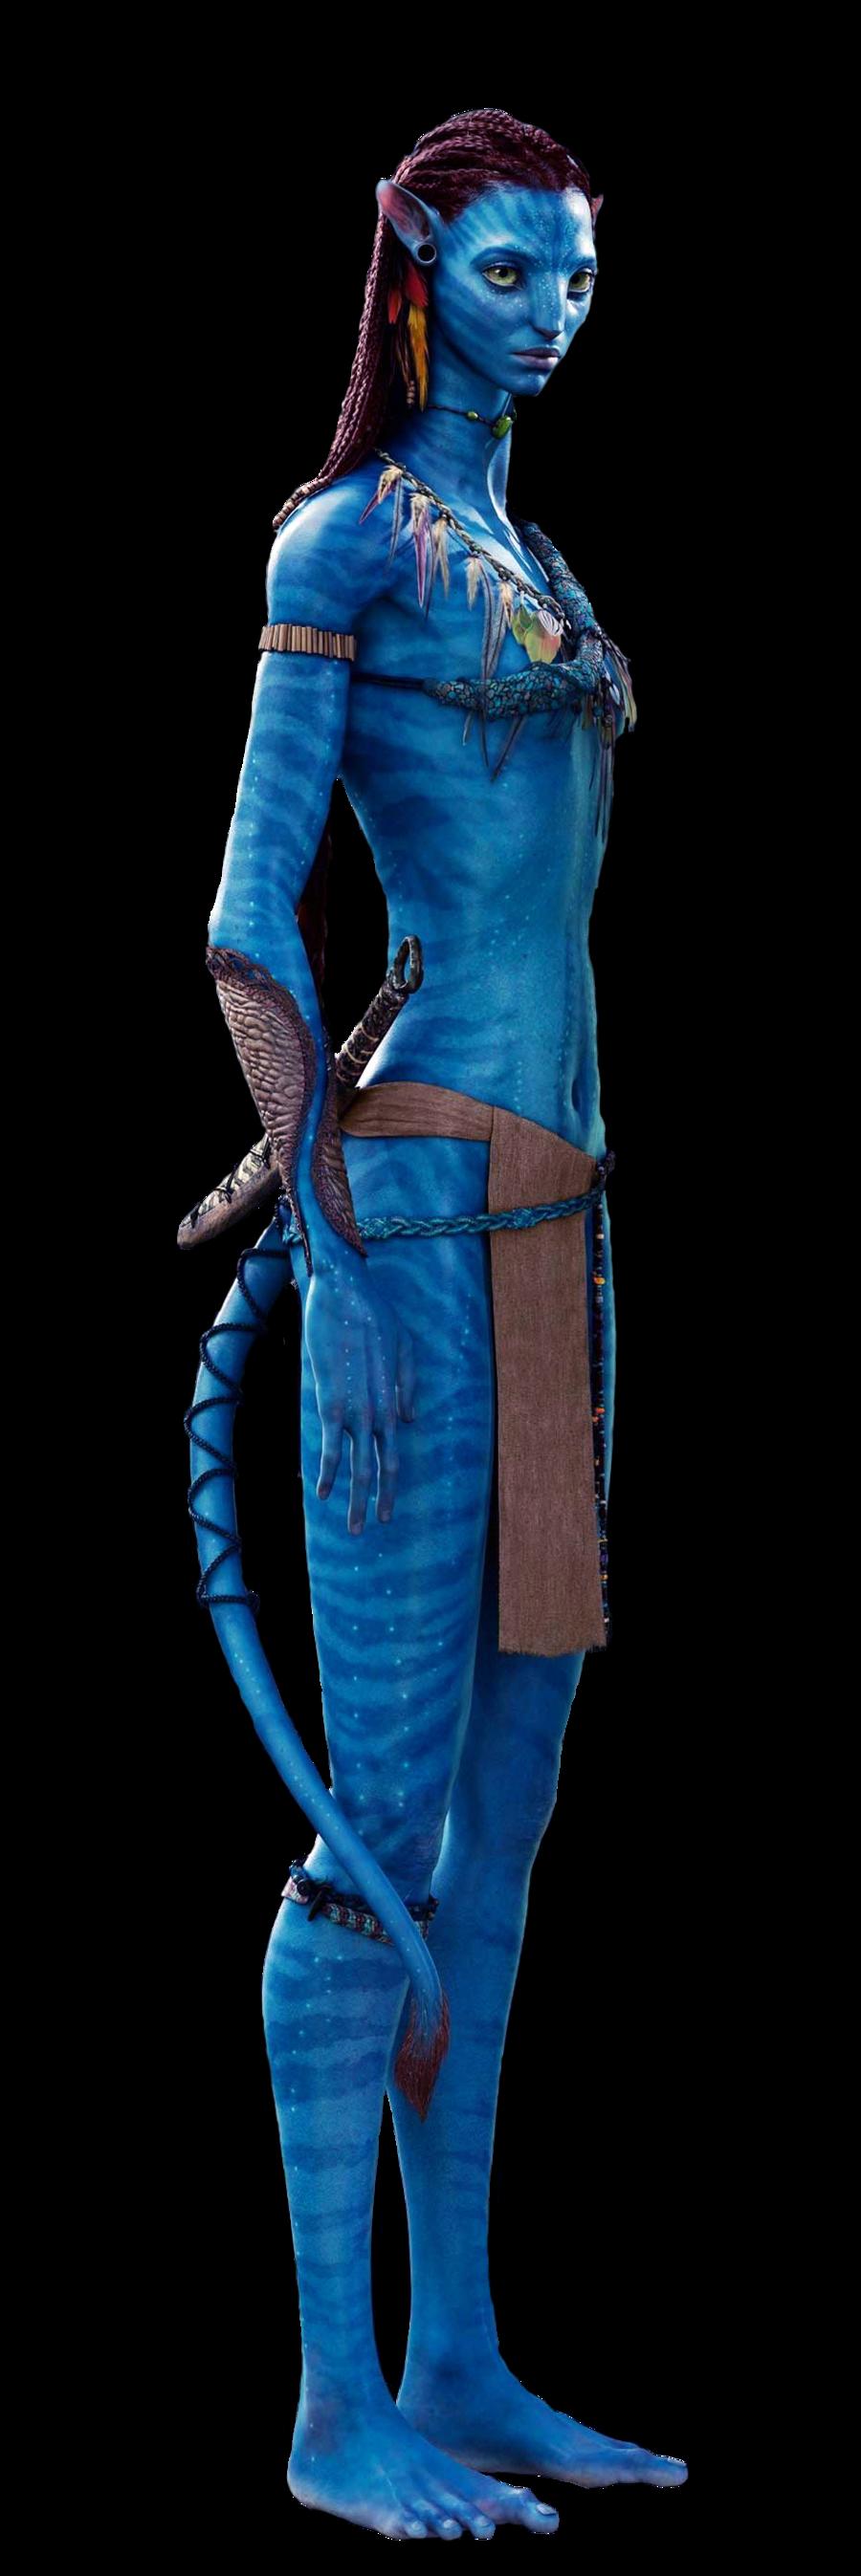 Avatar Neytiri By Prowlerfromaf On Deviantart Avatar Cosplay Avatar Halloween Avatar Halloween Costume